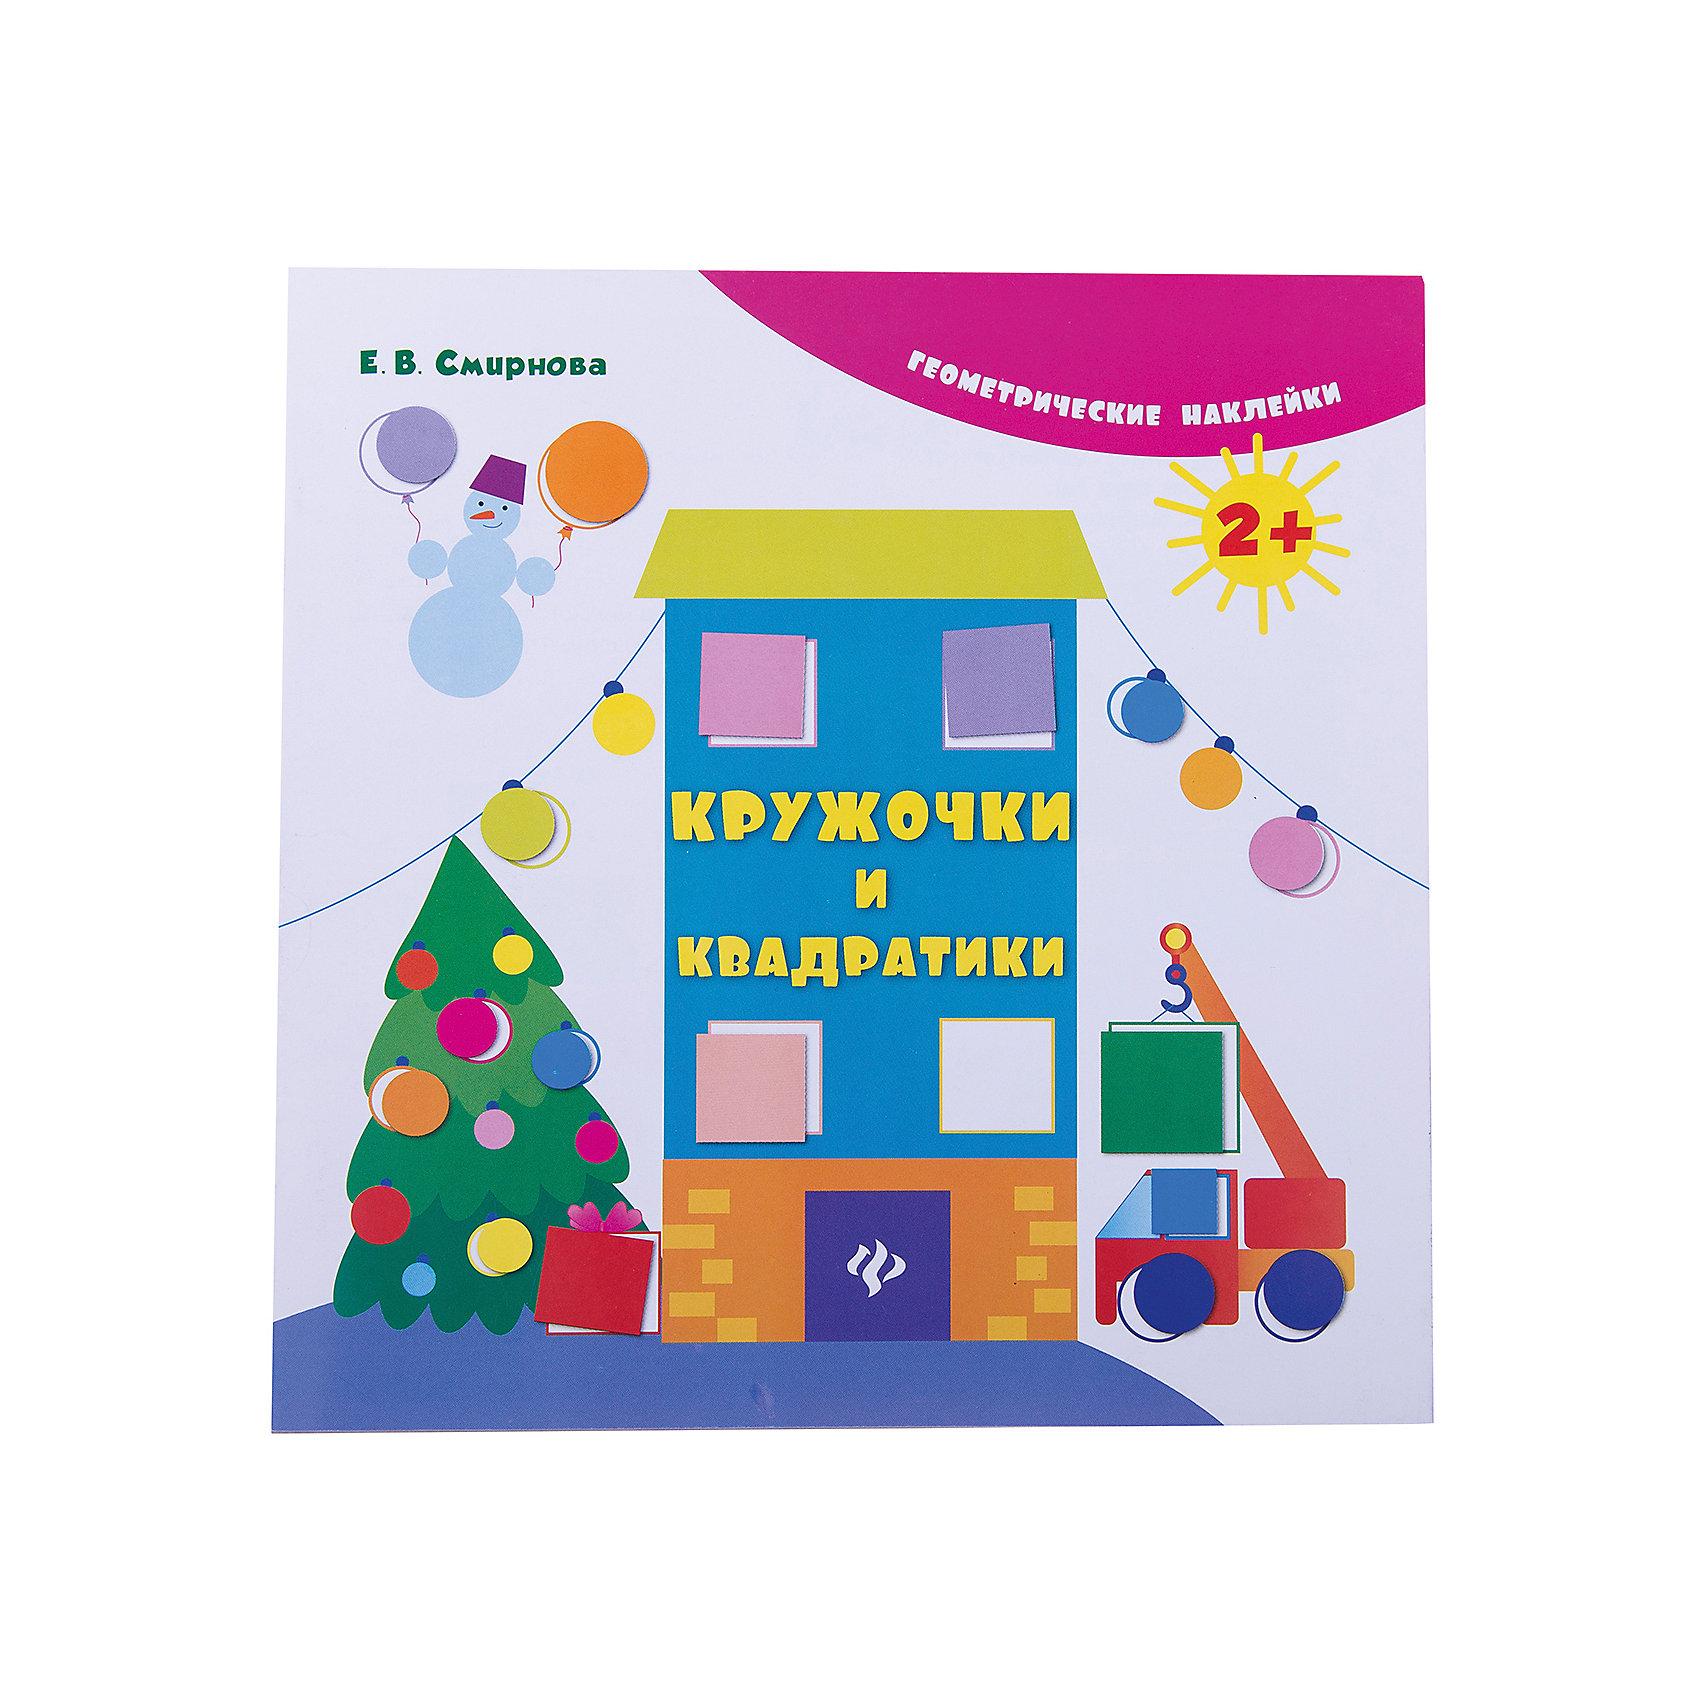 Кружочки и квадратикиРазвивающие книги<br>Кружочки и квадратики – эта книга из серии «Геометрические наклейки» для совместной работы детей возрастом от двух лет и родителей.<br>Данная книга познакомит детей с такими геометрическими формами, как круг и квадрат, и научит работать с ними: называть, узнавать на рисунке и среди окружающих предметов, подбирать наклейки соответствующей формы. Кроме того, наклеивание небольших по размеру элементов приучает малышей к аккуратности и развивает мелкую моторику кисти, что позитивно влияет на развитие речи.<br><br>Дополнительная информация:<br><br>- Автор: Смирнова Екатерина Васильевна<br>- Художник: Смирнова Екатерина Васильевна<br>- Редактор: Зиновьева Л. А.<br>- Издательство: Феникс-Премьер, 2016 г.<br>- Серия: Геометрические наклейки<br>- Тип обложки: мягкий переплет (крепление скрепкой или клеем)<br>- Оформление: с наклейками<br>- Иллюстрации: цветные<br>- Количество страниц: 8 (мелованная)<br>- Размер: 215x214x2 мм.<br>- Вес: 58 гр.<br><br>Книгу «Кружочки и квадратики» можно купить в нашем интернет-магазине.<br><br>Ширина мм: 215<br>Глубина мм: 1<br>Высота мм: 215<br>Вес г: 58<br>Возраст от месяцев: 36<br>Возраст до месяцев: 60<br>Пол: Унисекс<br>Возраст: Детский<br>SKU: 4637832